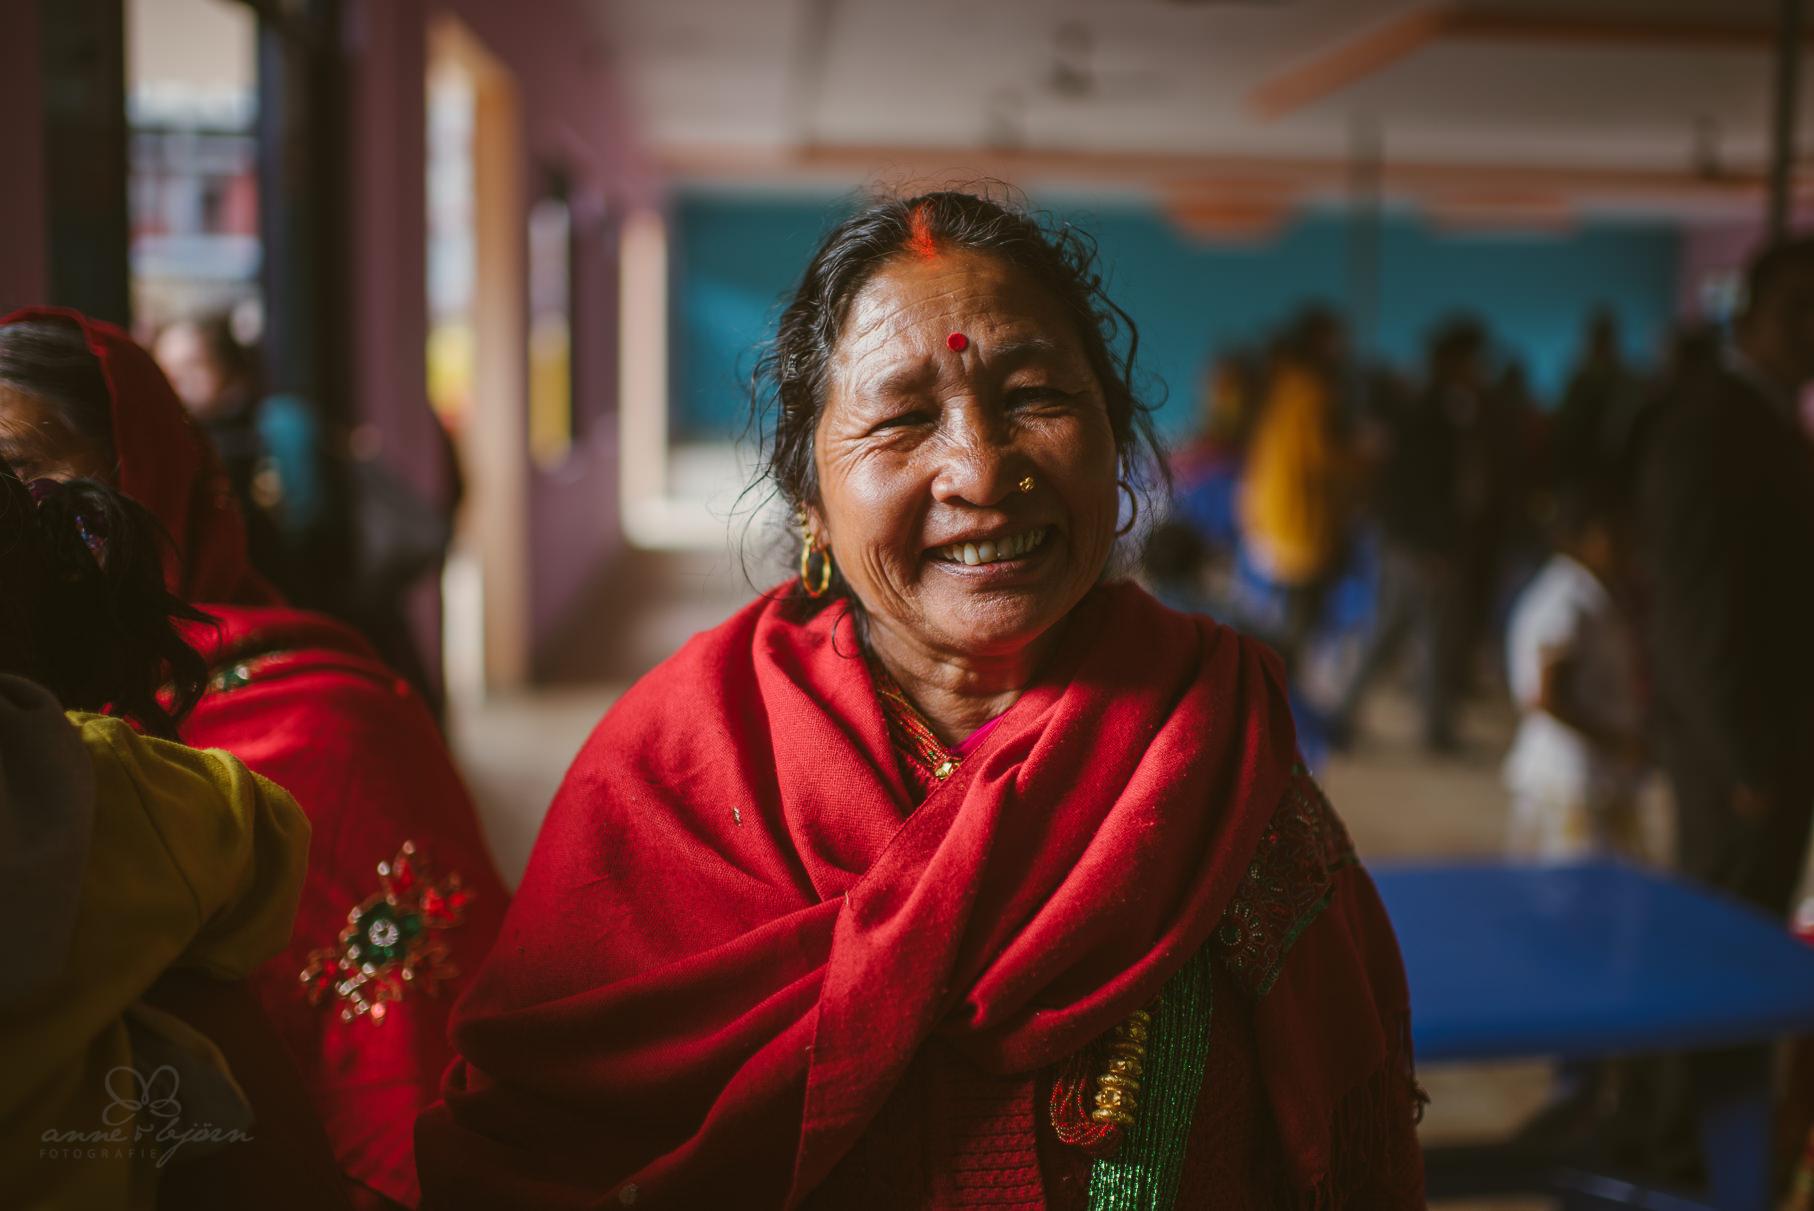 0034 anne und bjoern chitwan nationalpark nepal d75 3847 2 - Nepal Teil 3 - Roadtrip, Chitwan Nationalpark und eine spontane Hochzeit